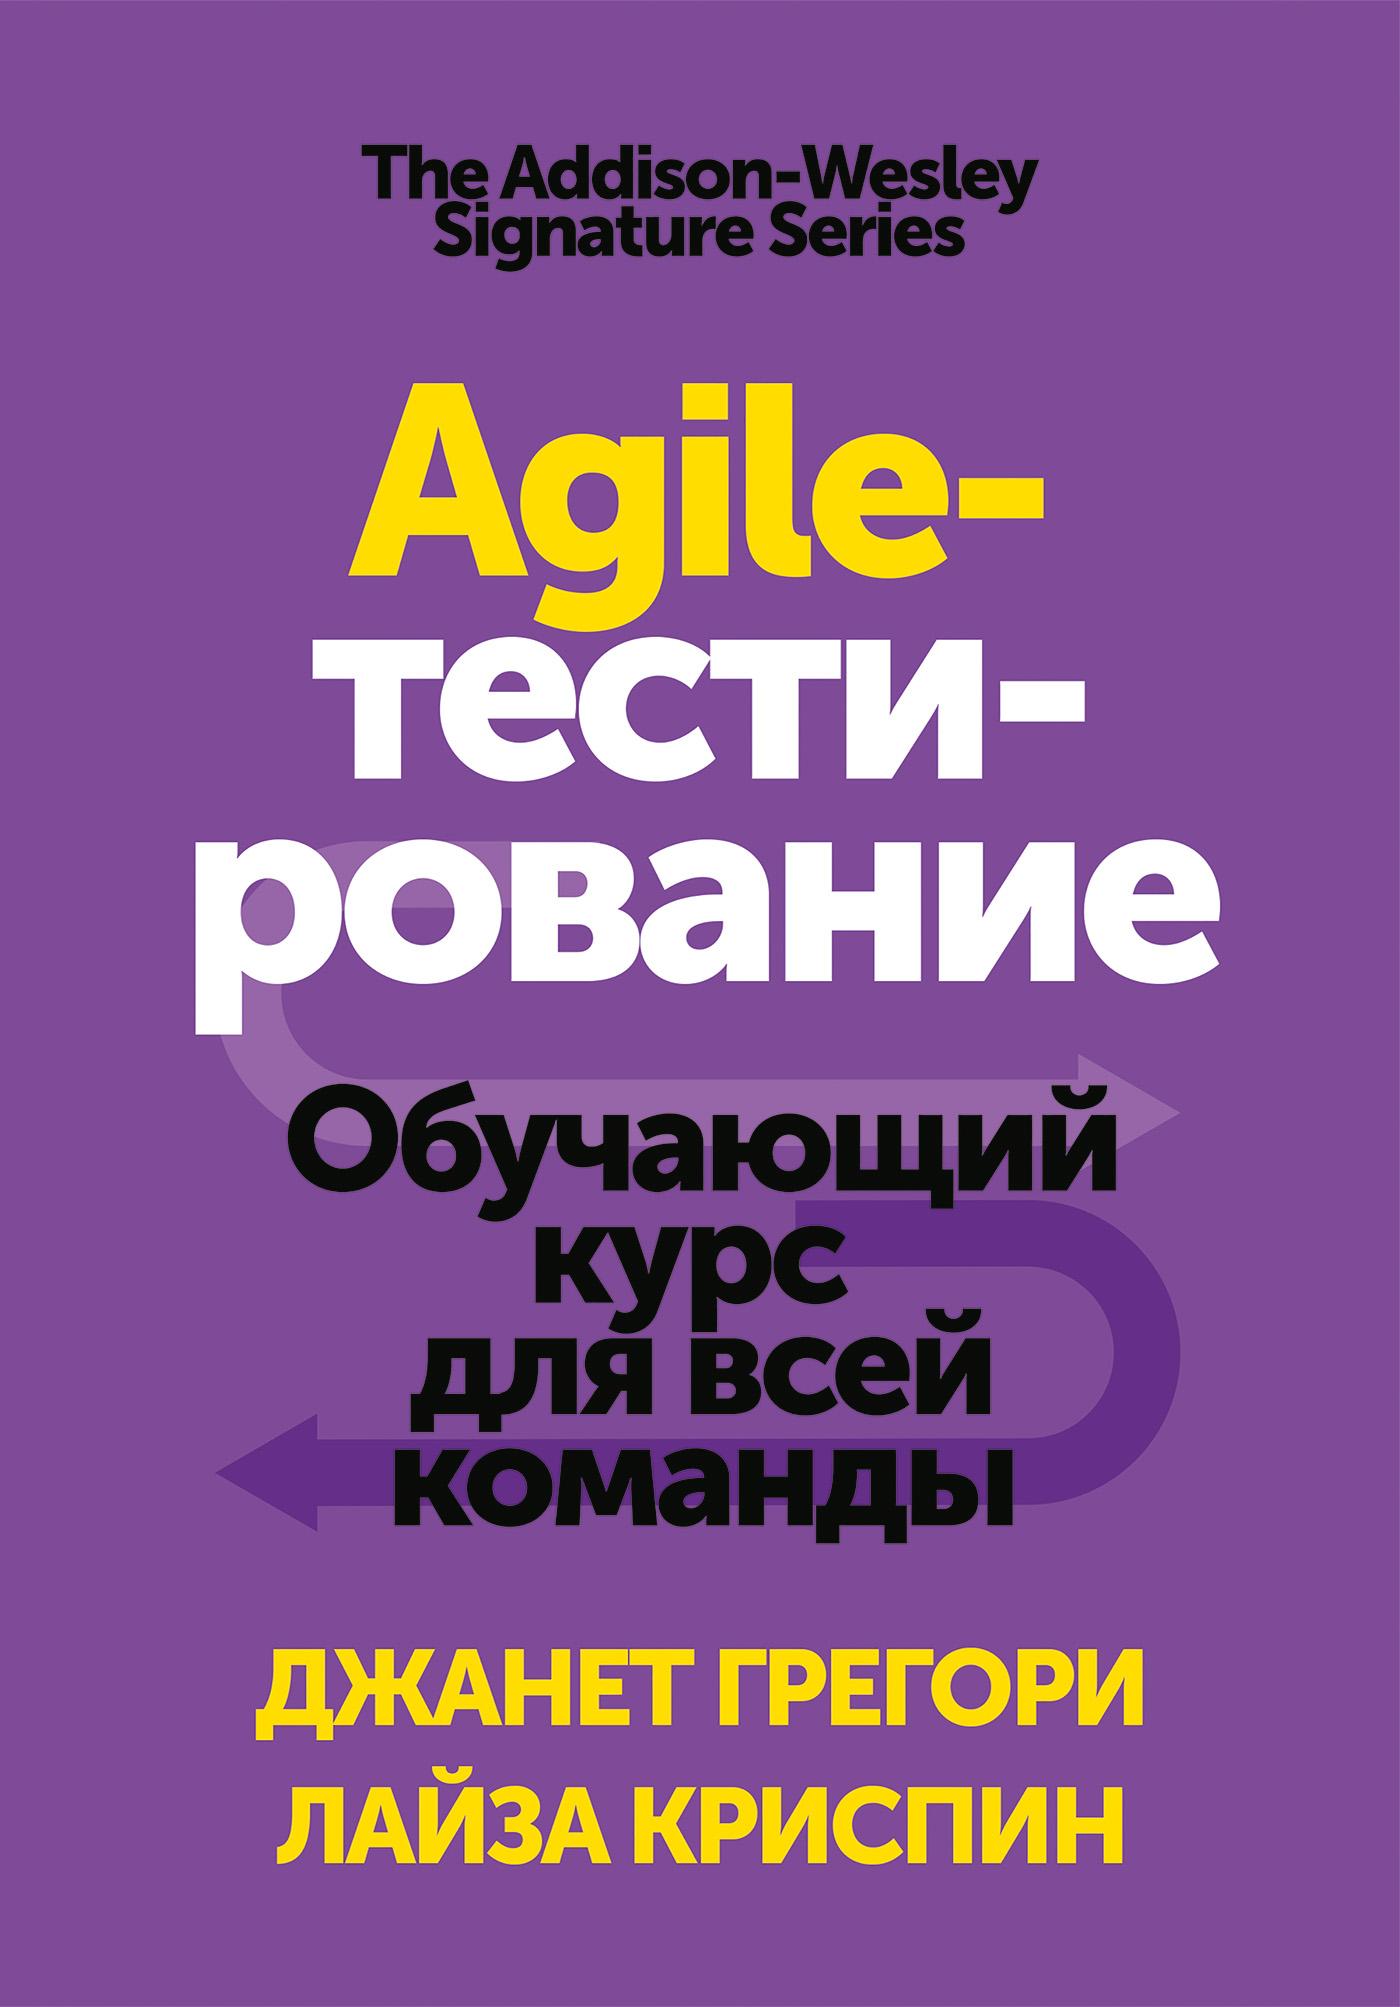 Обложка книги Agile-тестирование. Обучающий курс для всей команды